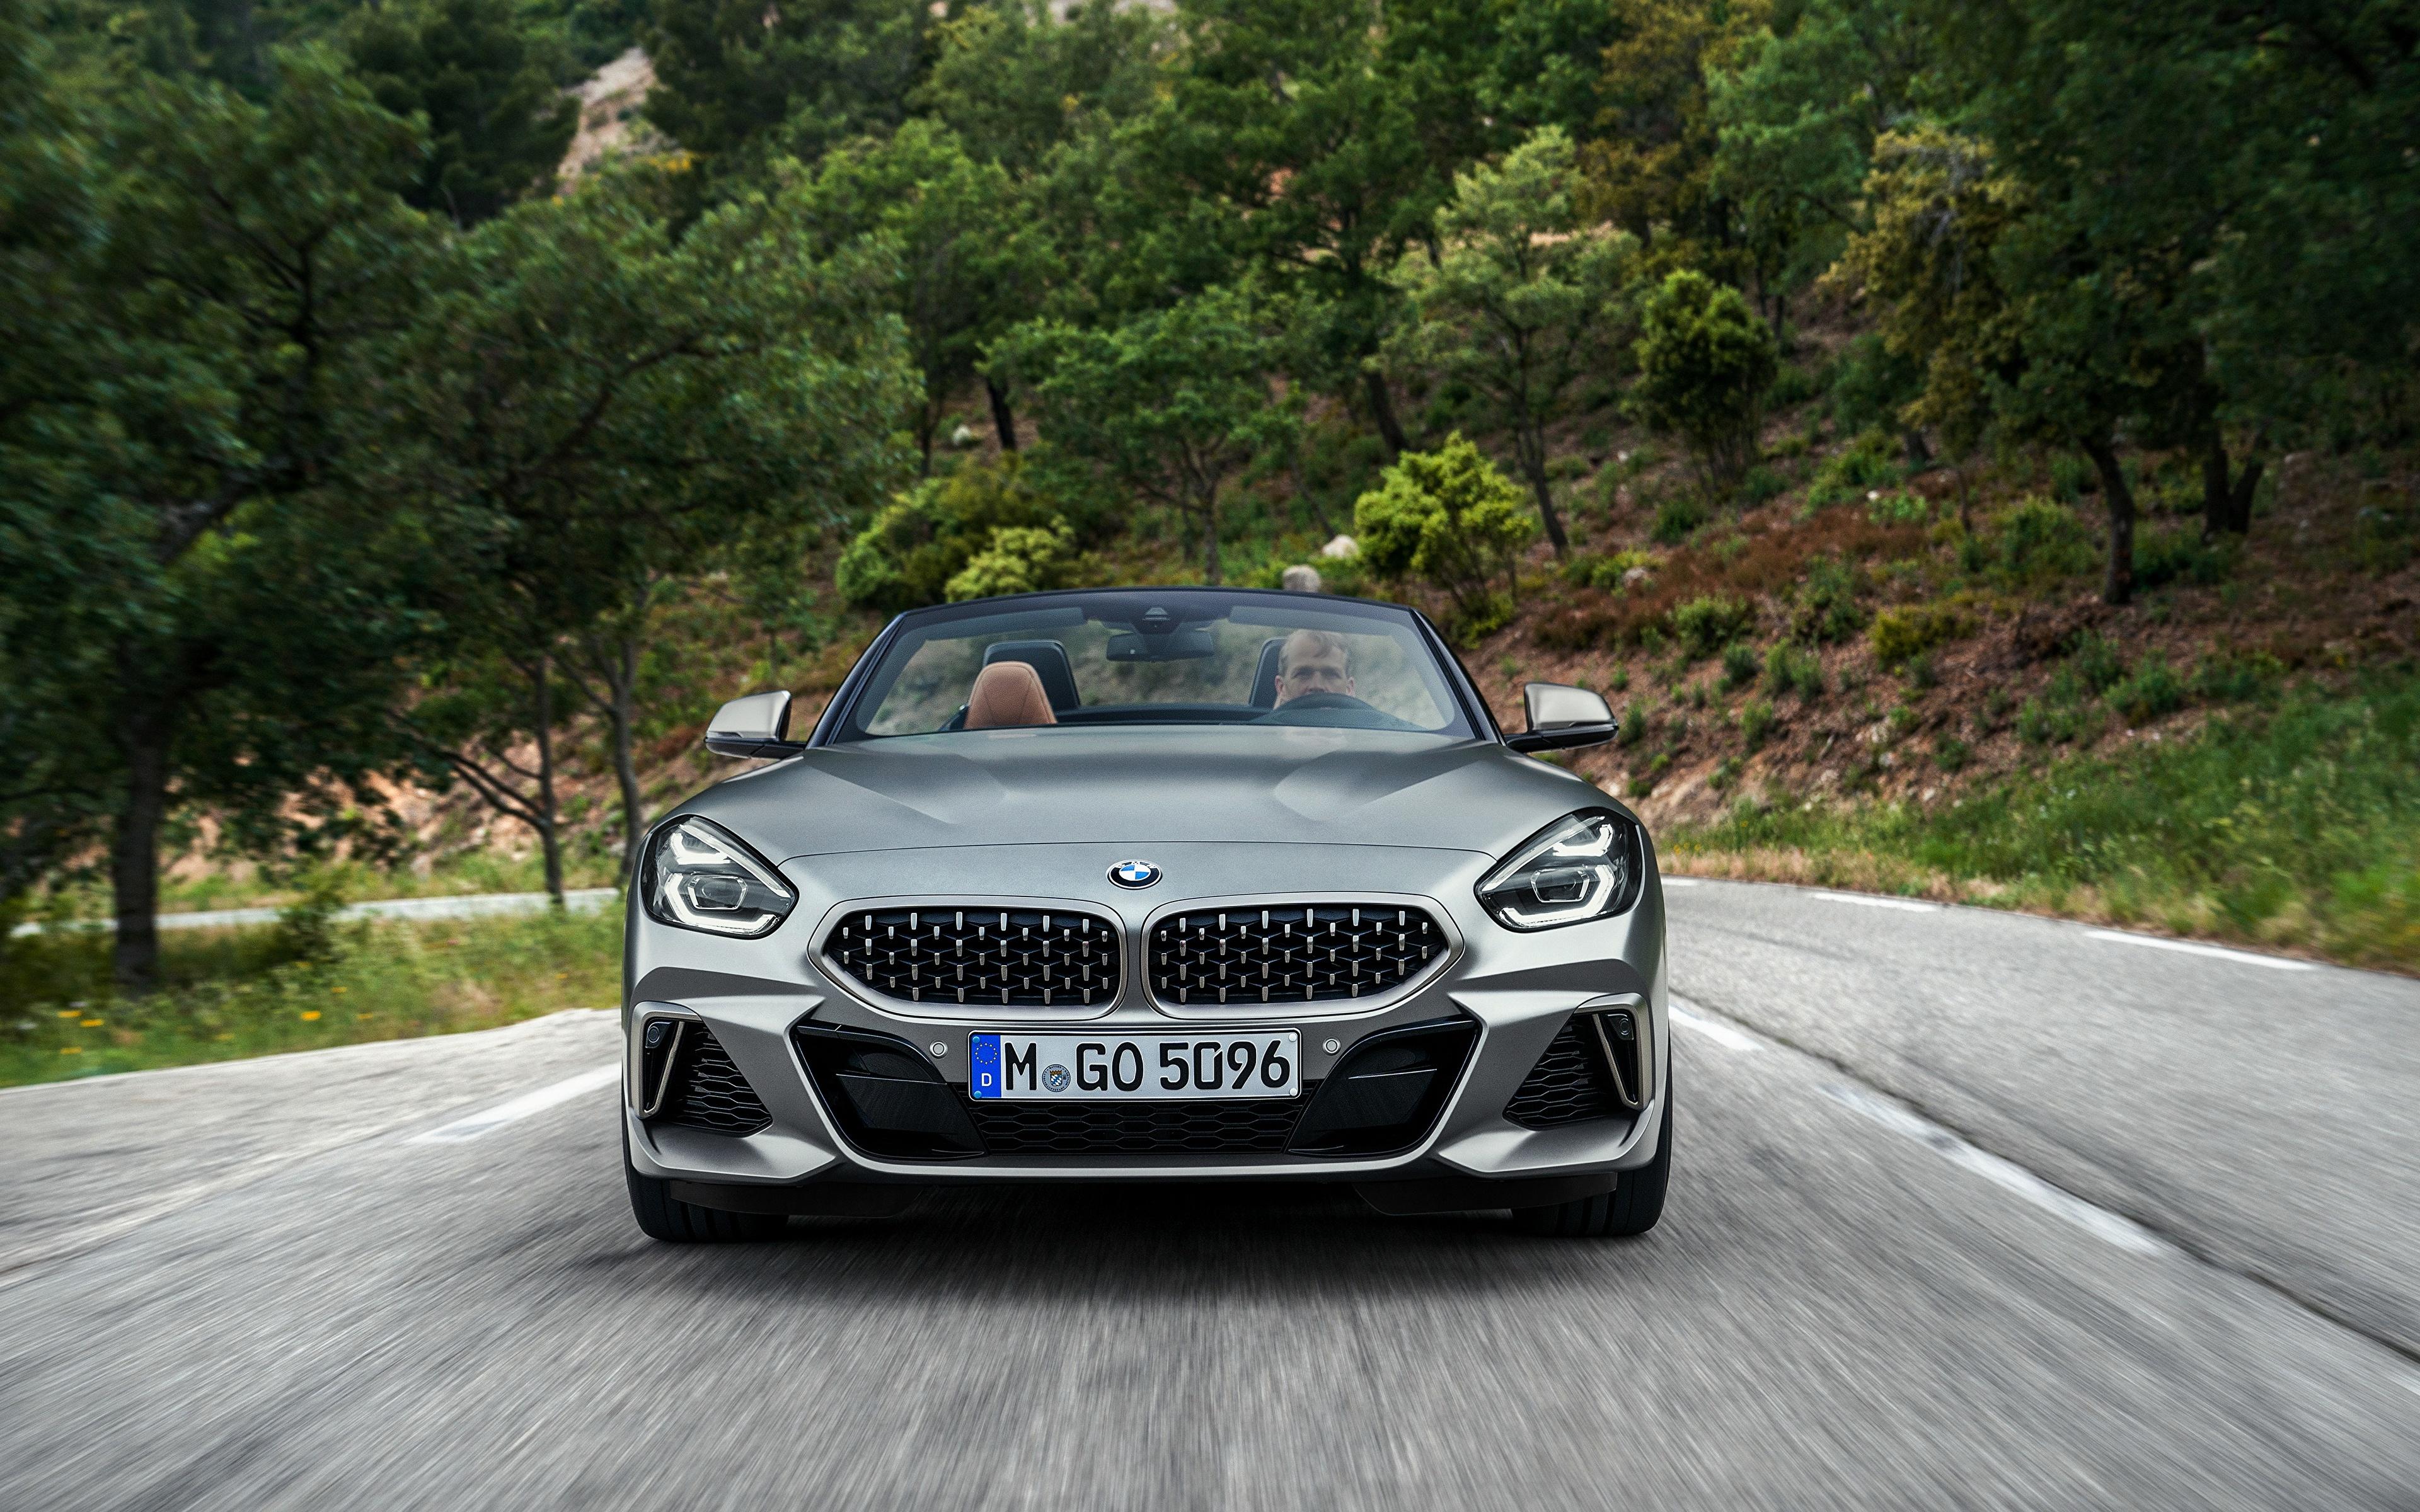 Фото BMW Z4 M40i 2019 G29 Родстер Движение Спереди Автомобили 3840x2400 БМВ едет едущий едущая скорость авто машина машины автомобиль